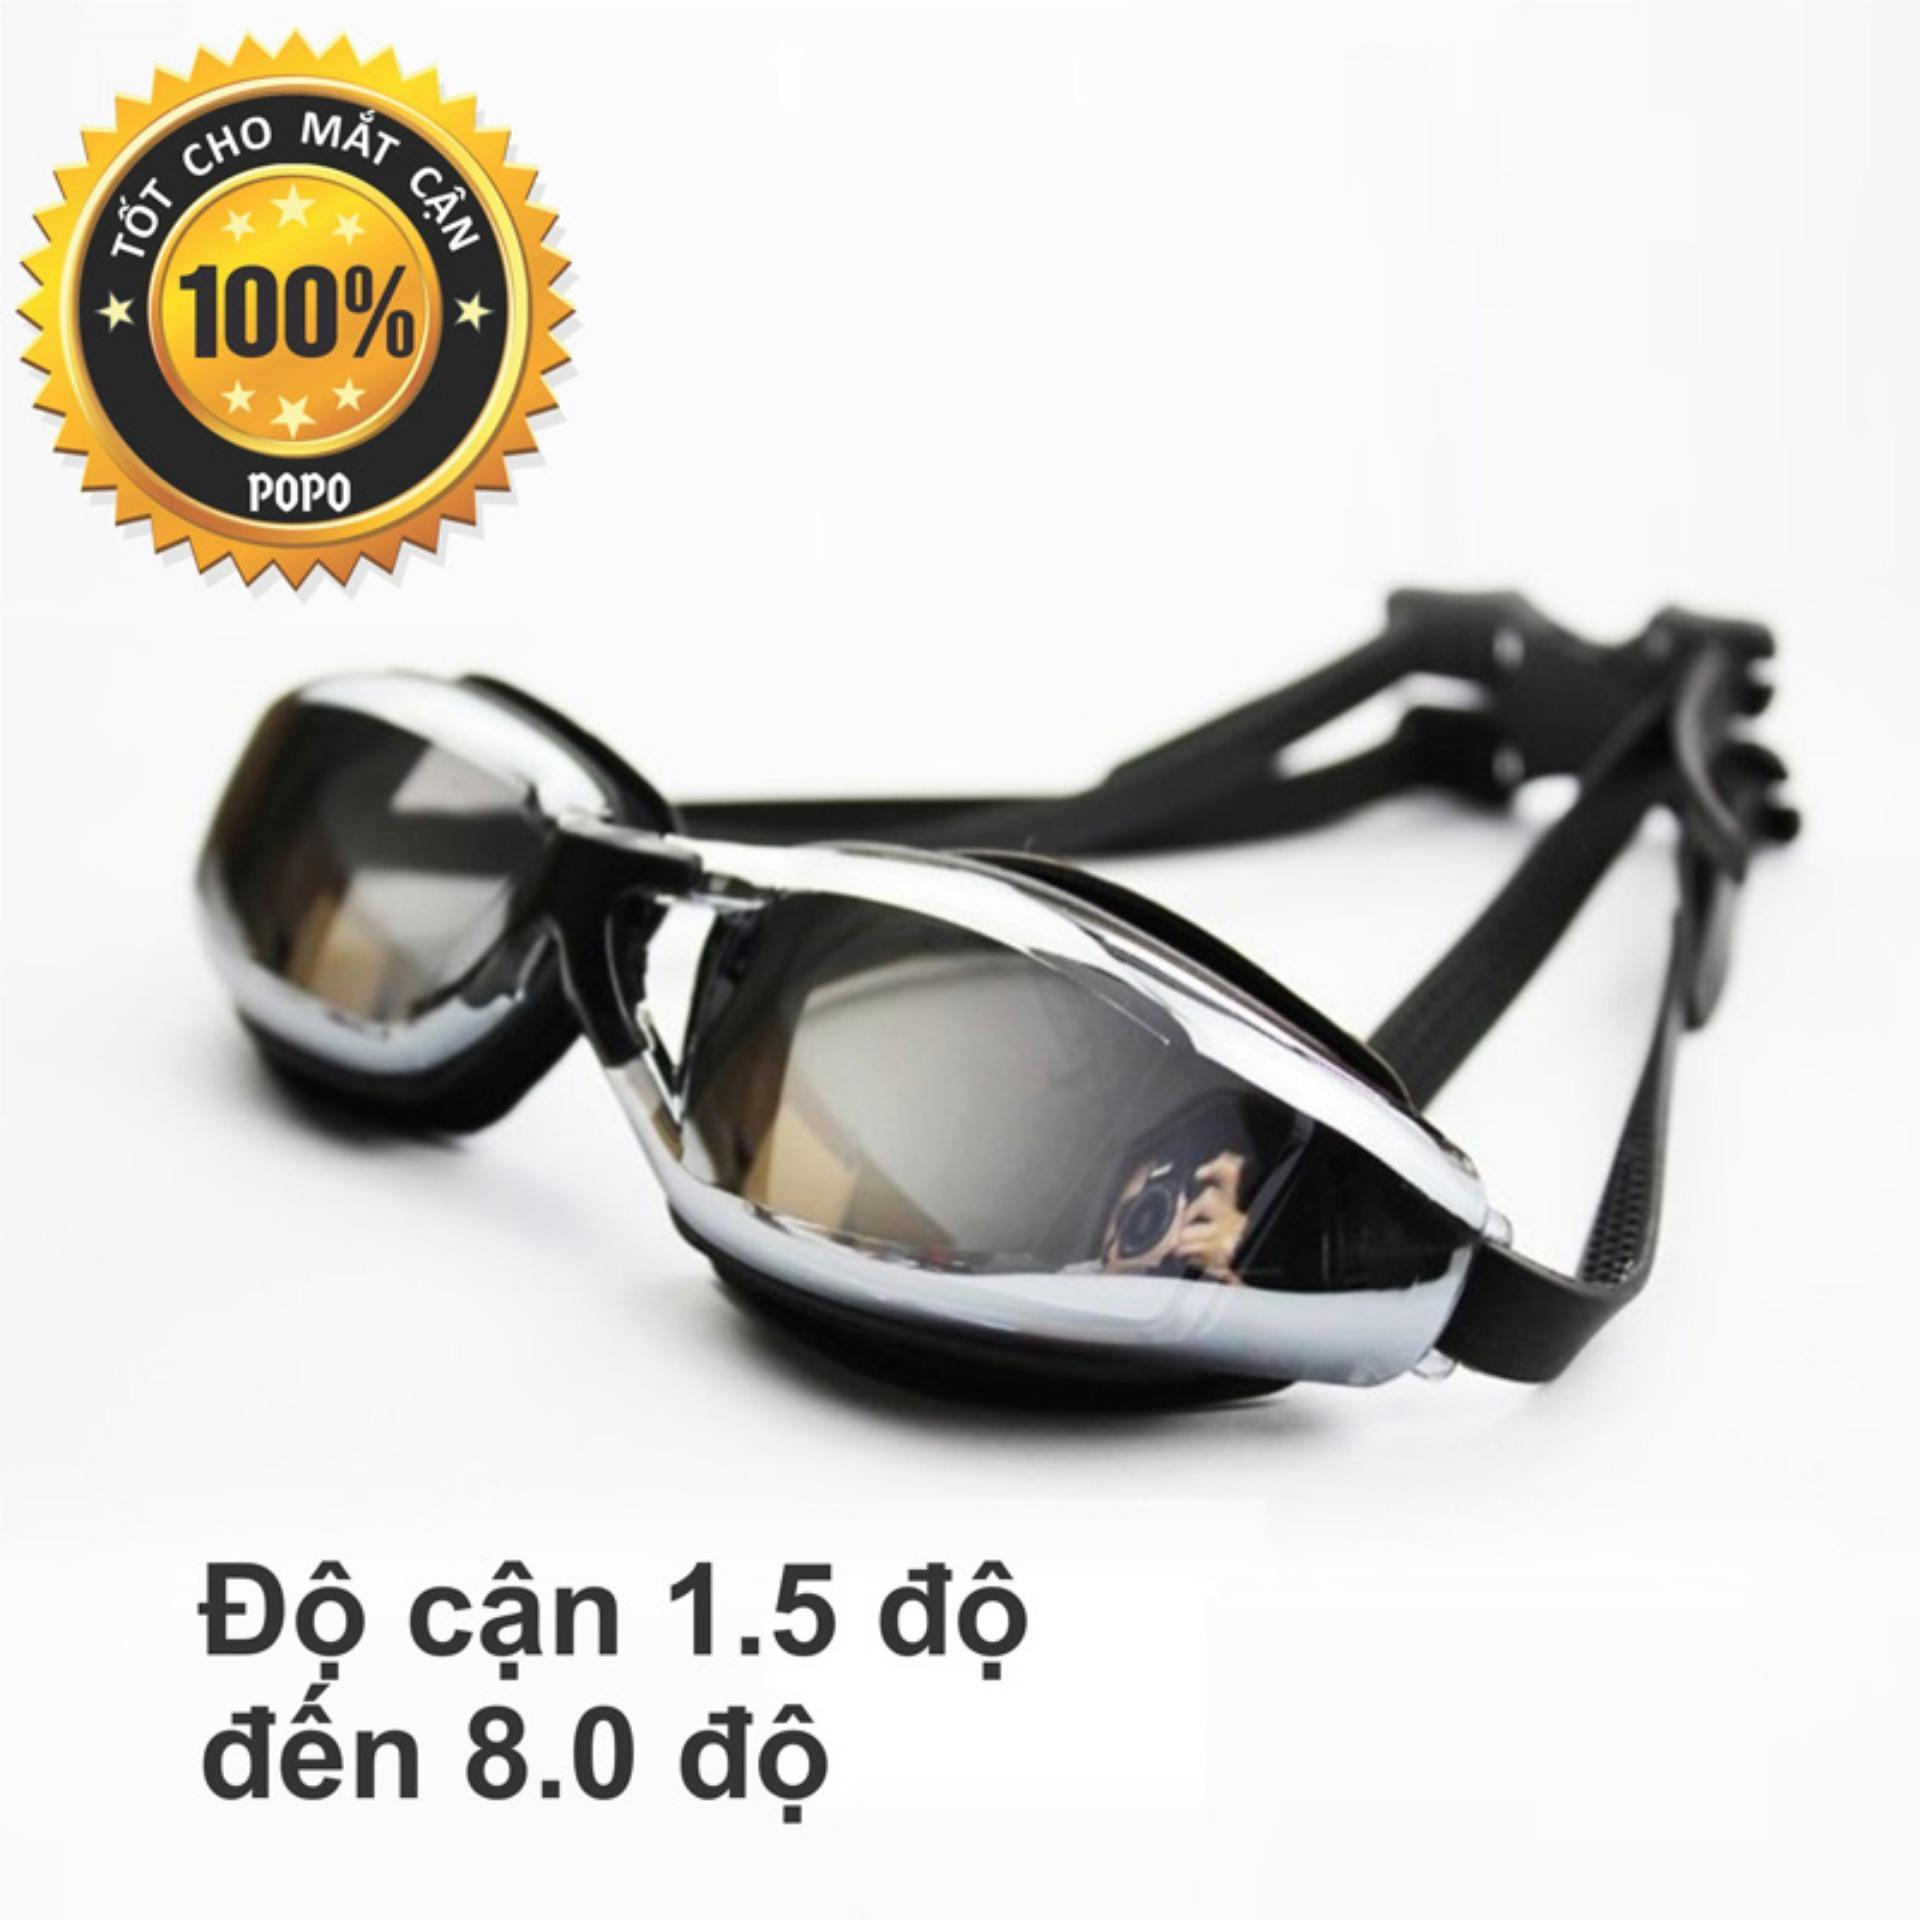 Kính bơi cận độ cận từ 1.5 đến 8.0 cho người cận thị, mắt kính tráng gương, chống UV, chống hấp hơi; khóa đeo kính thông minh POPO Collection